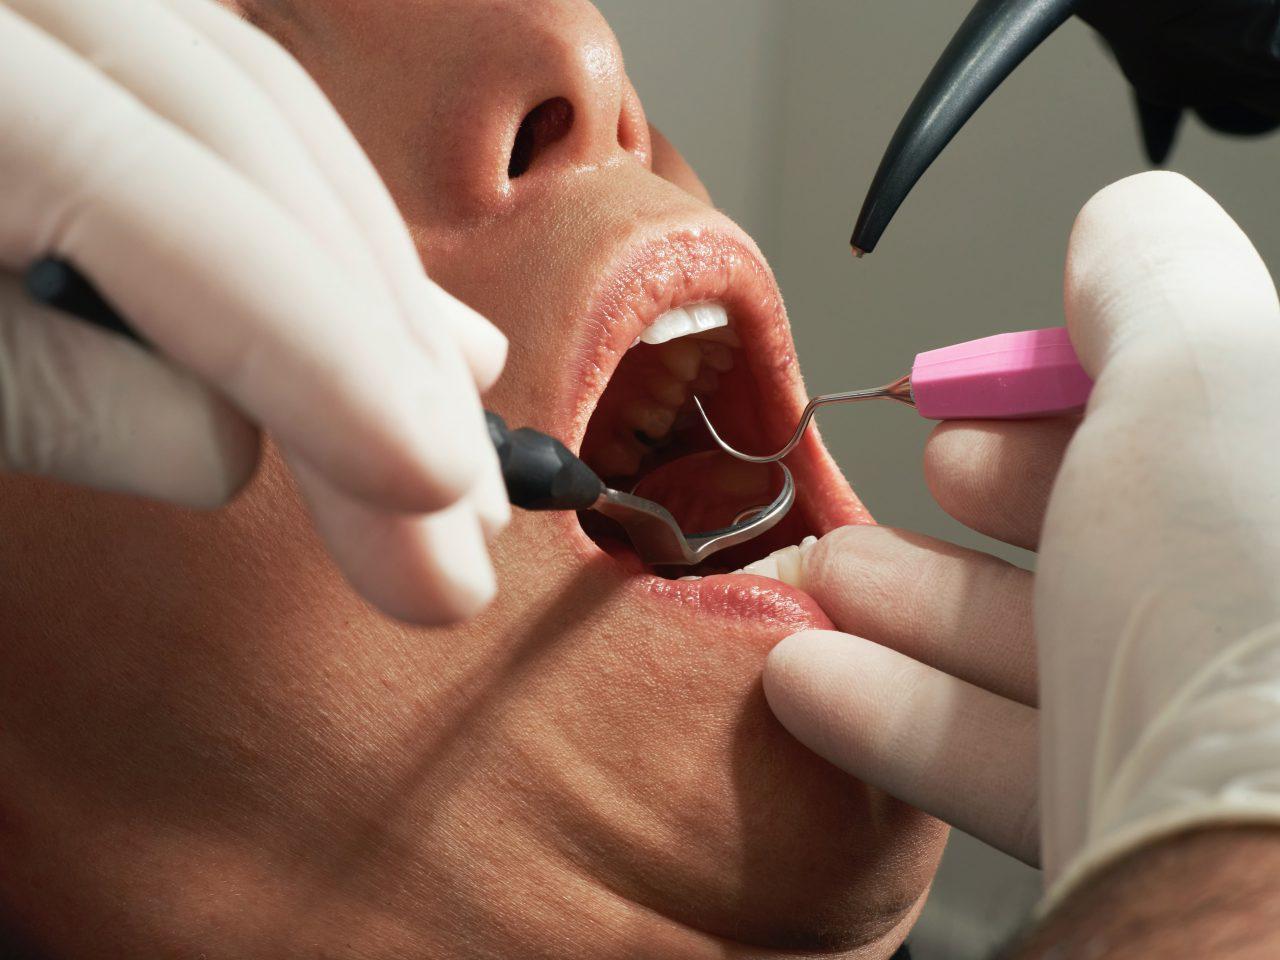 あかなべ歯科 一般歯科 むし歯の治療